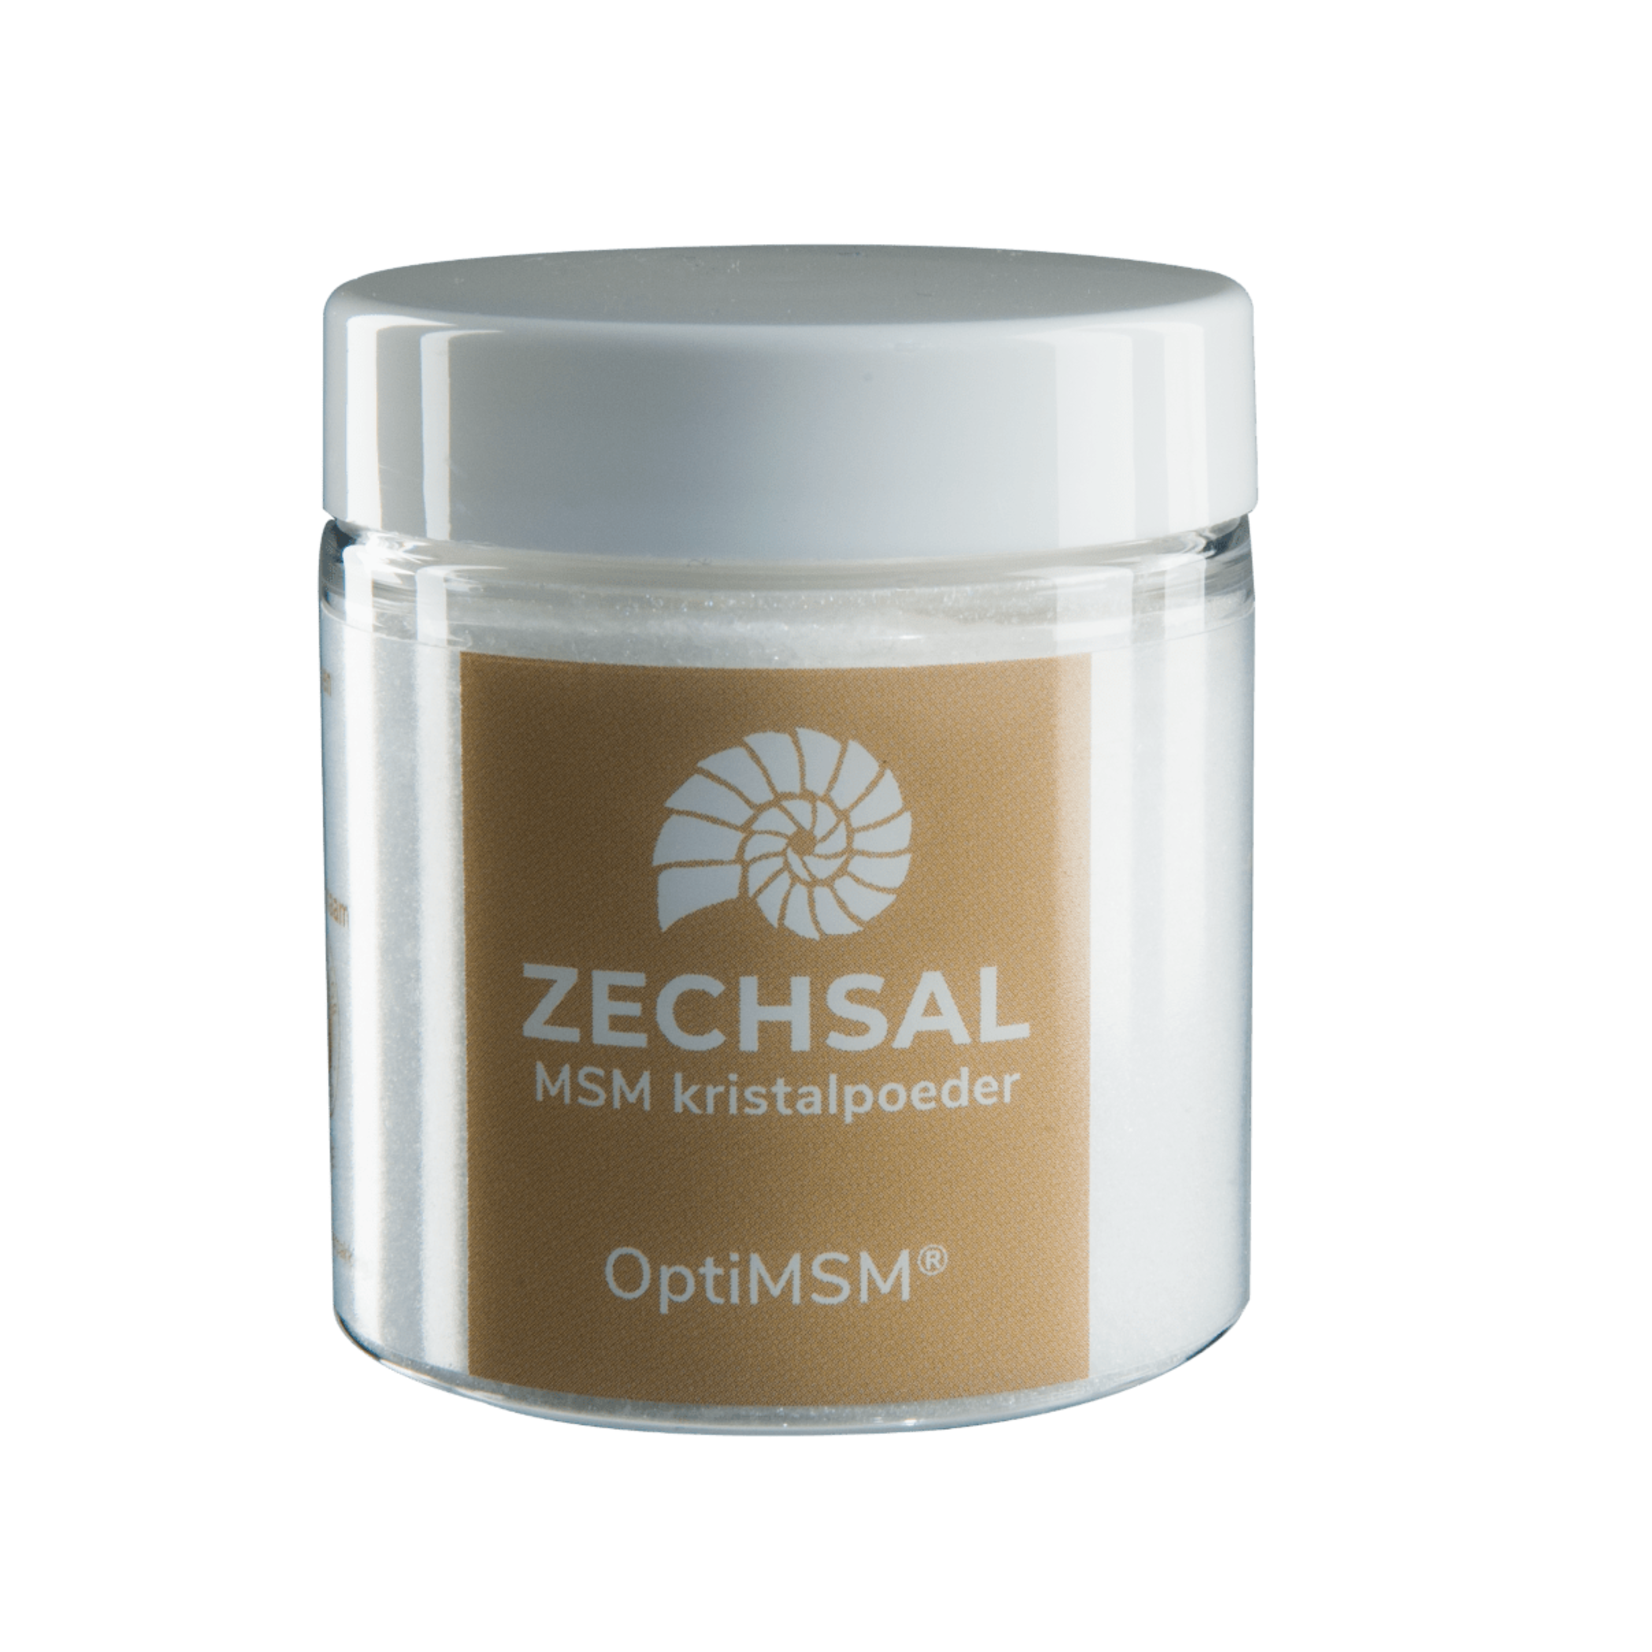 Zechsal Opti MSM - bron van organisch zwavel - remt ontstekingen in het lichaam